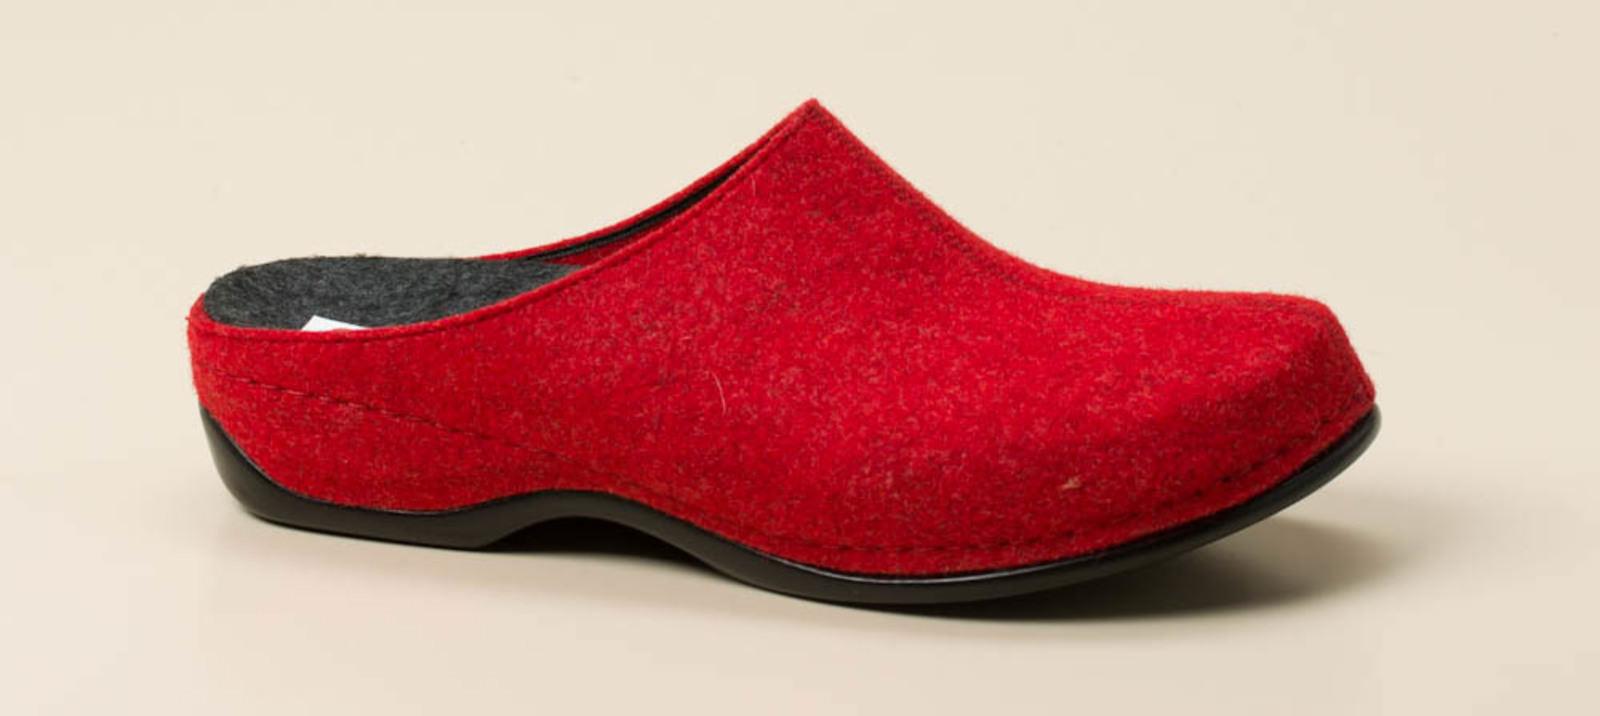 Berkemann Damen Hausschuh in rot kaufen   Zumnorde Online-Shop 6088616739